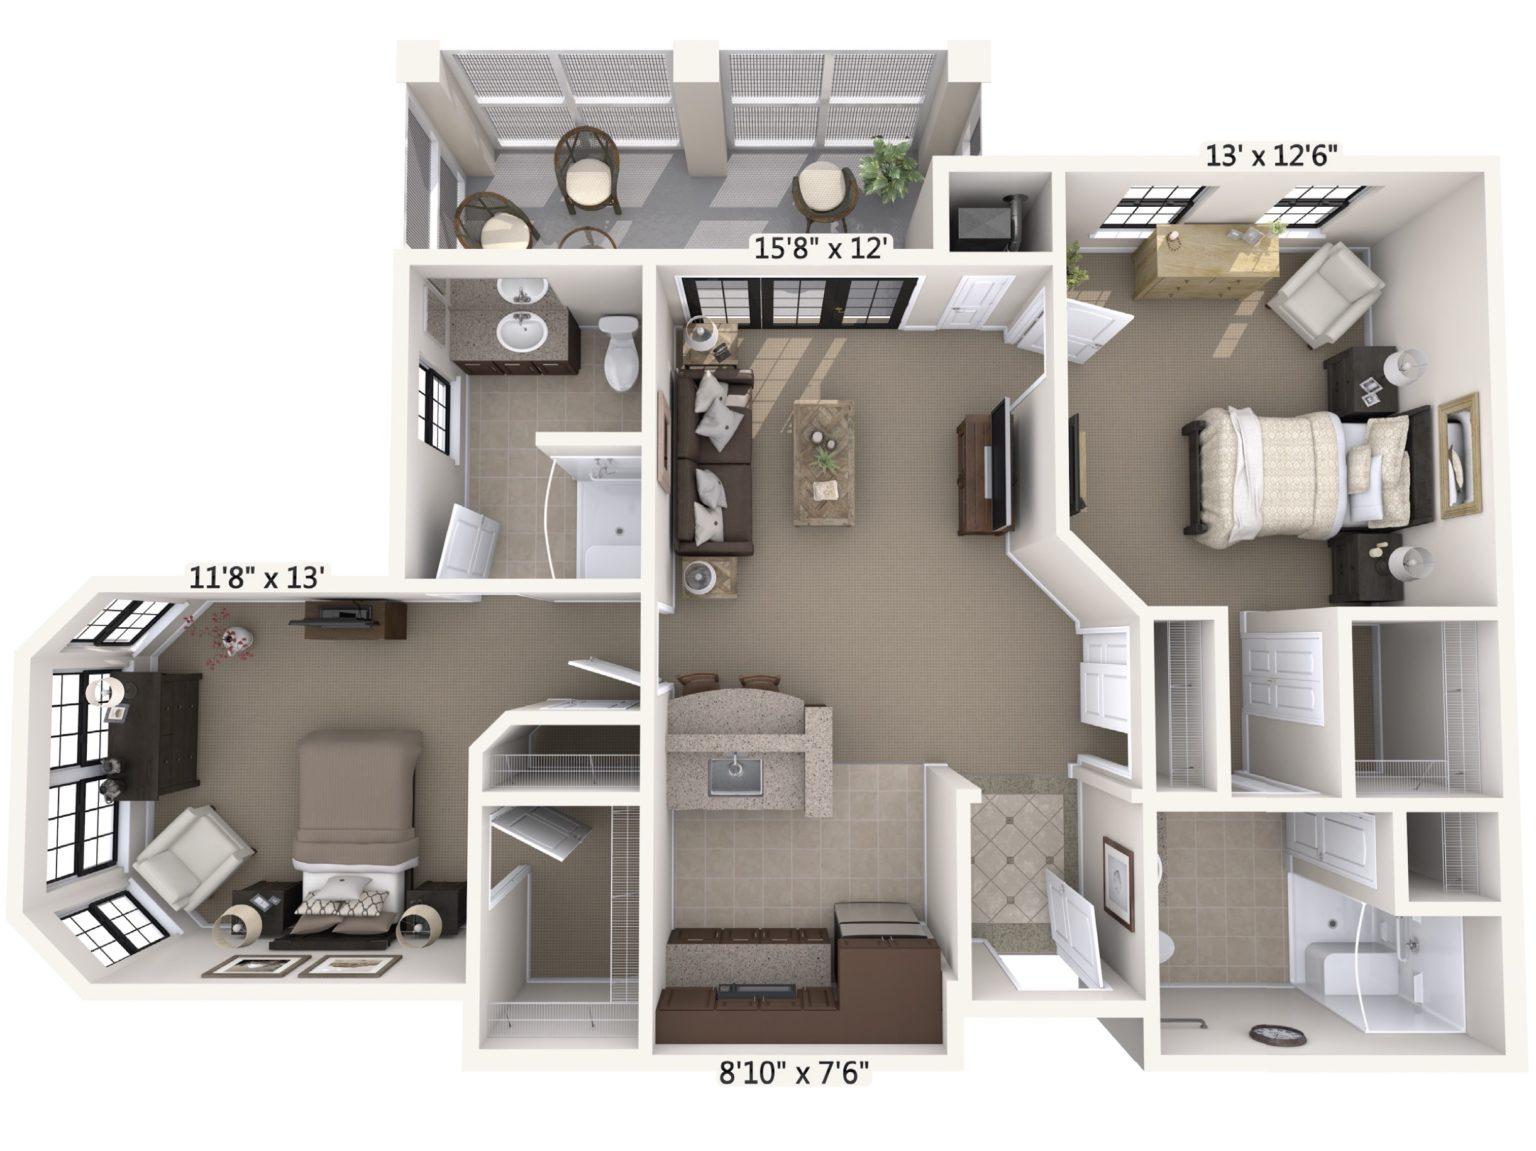 AddingtonPlace_One-Bedroom-with-Den-Lyric_917-sq.-ft._AL_Jupiter-1536x1151